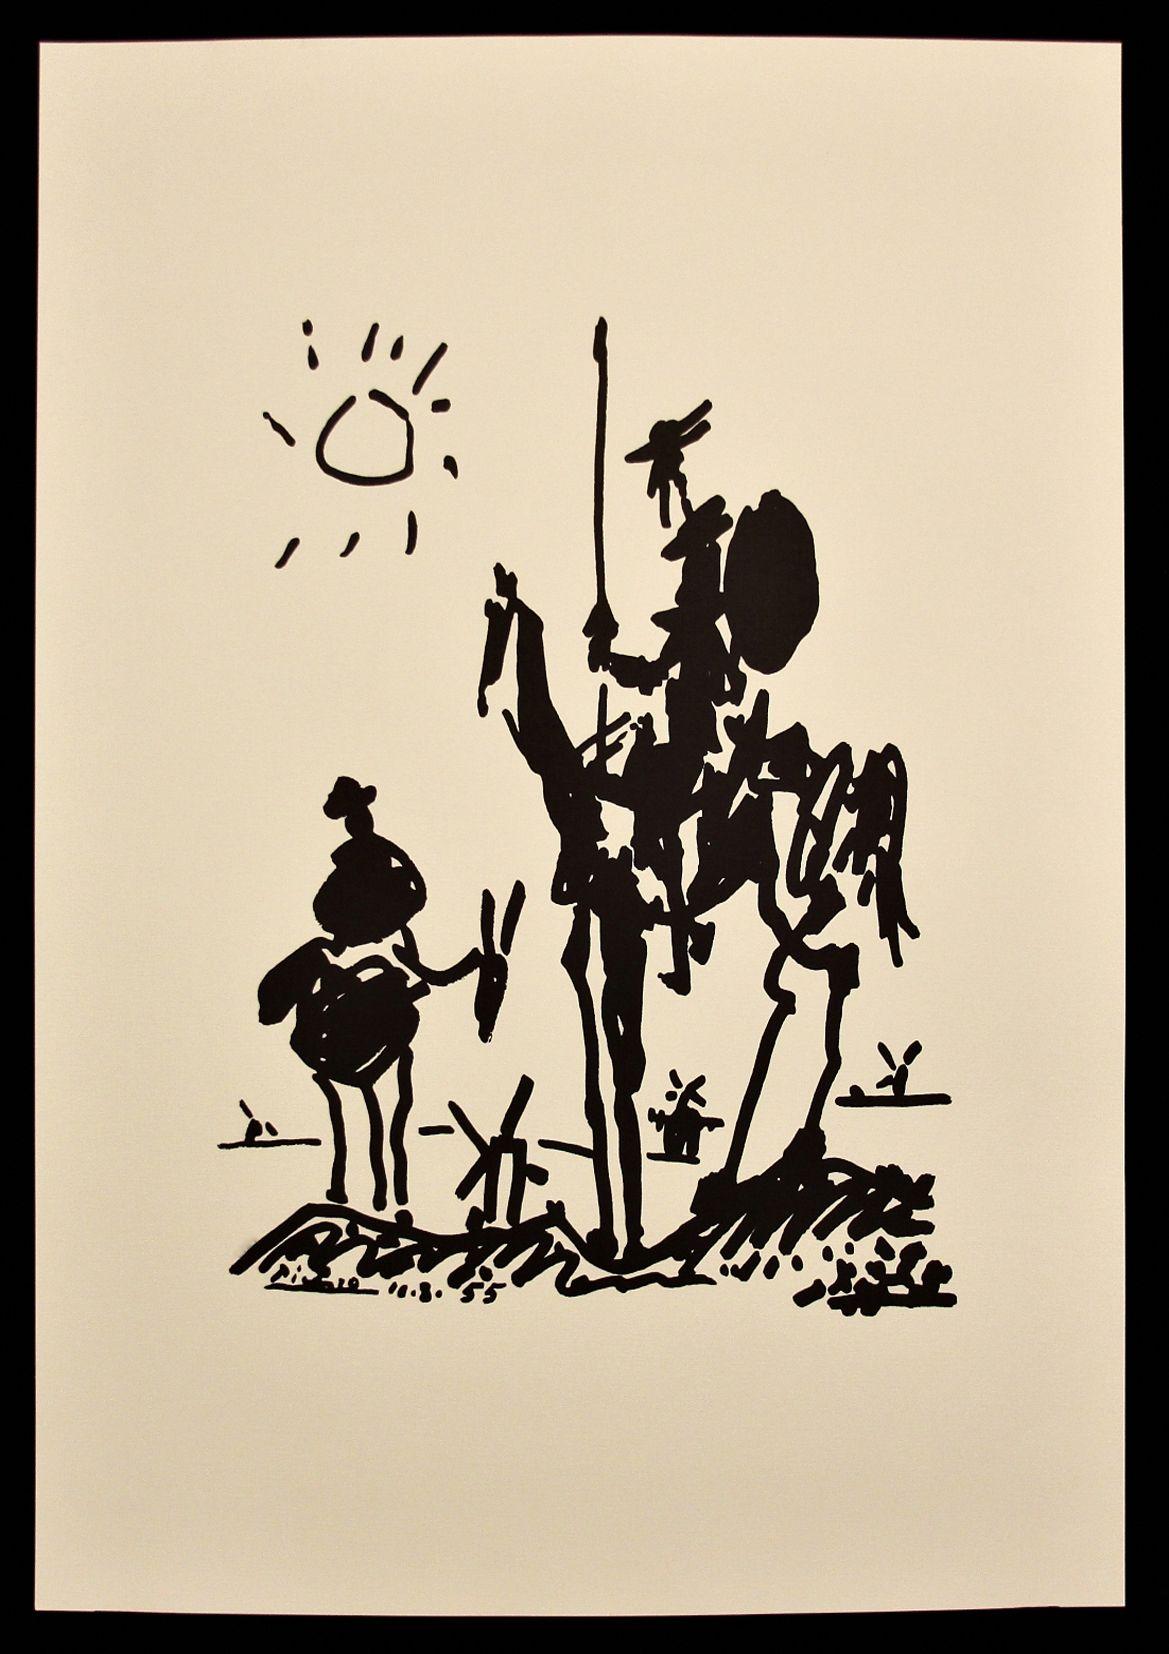 Don Quixote Poster | Zazzle